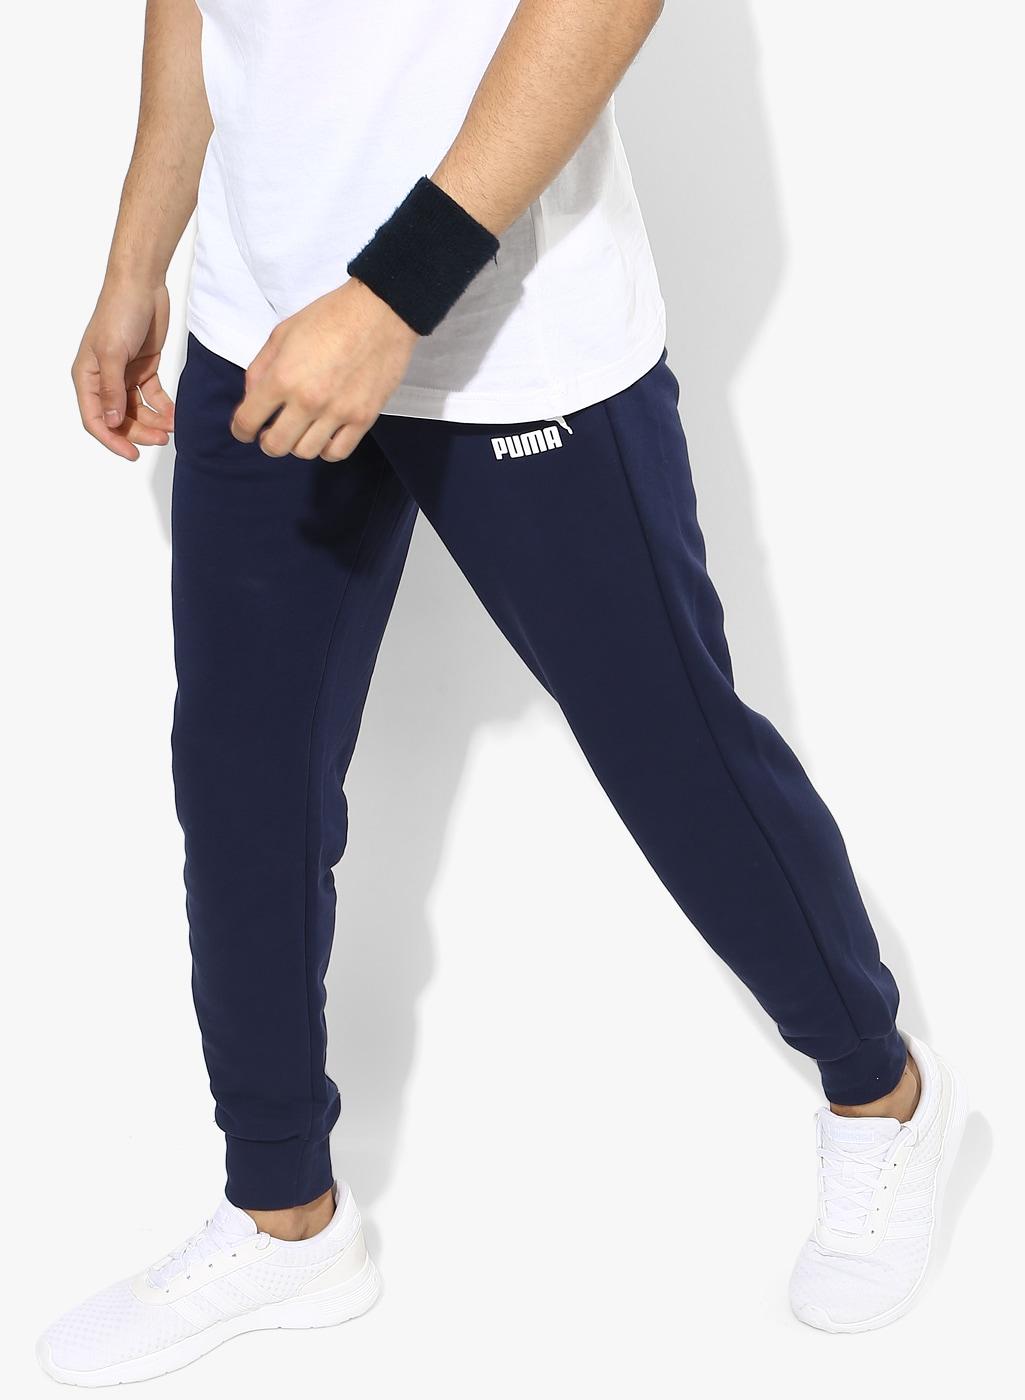 c31b2c684186 Men Winter Wear Puma - Buy Men Winter Wear Puma online in India - Jabong